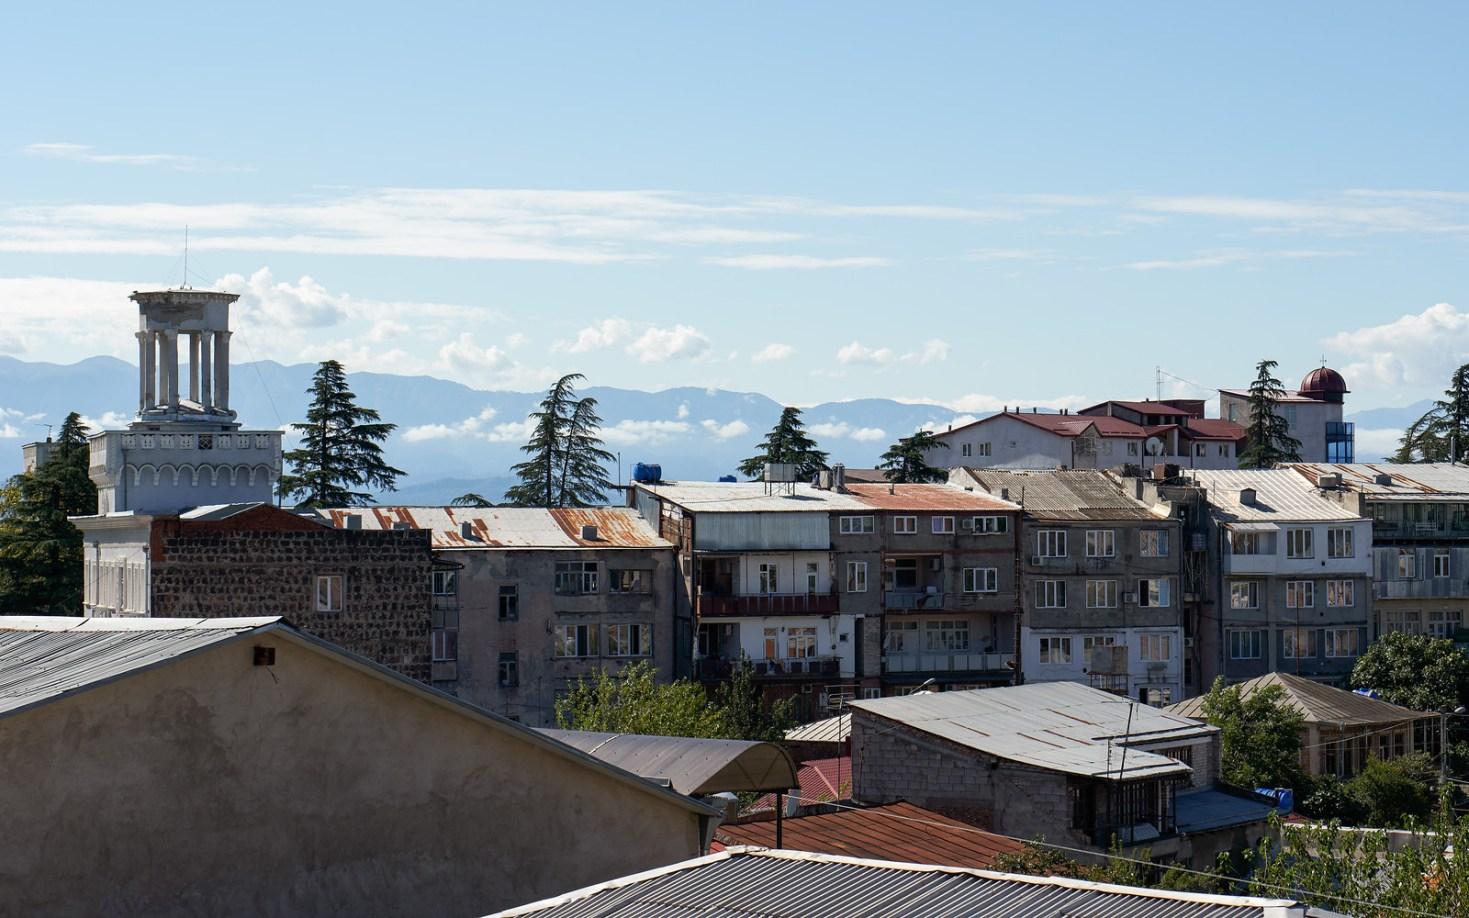 The city of Kutaisi